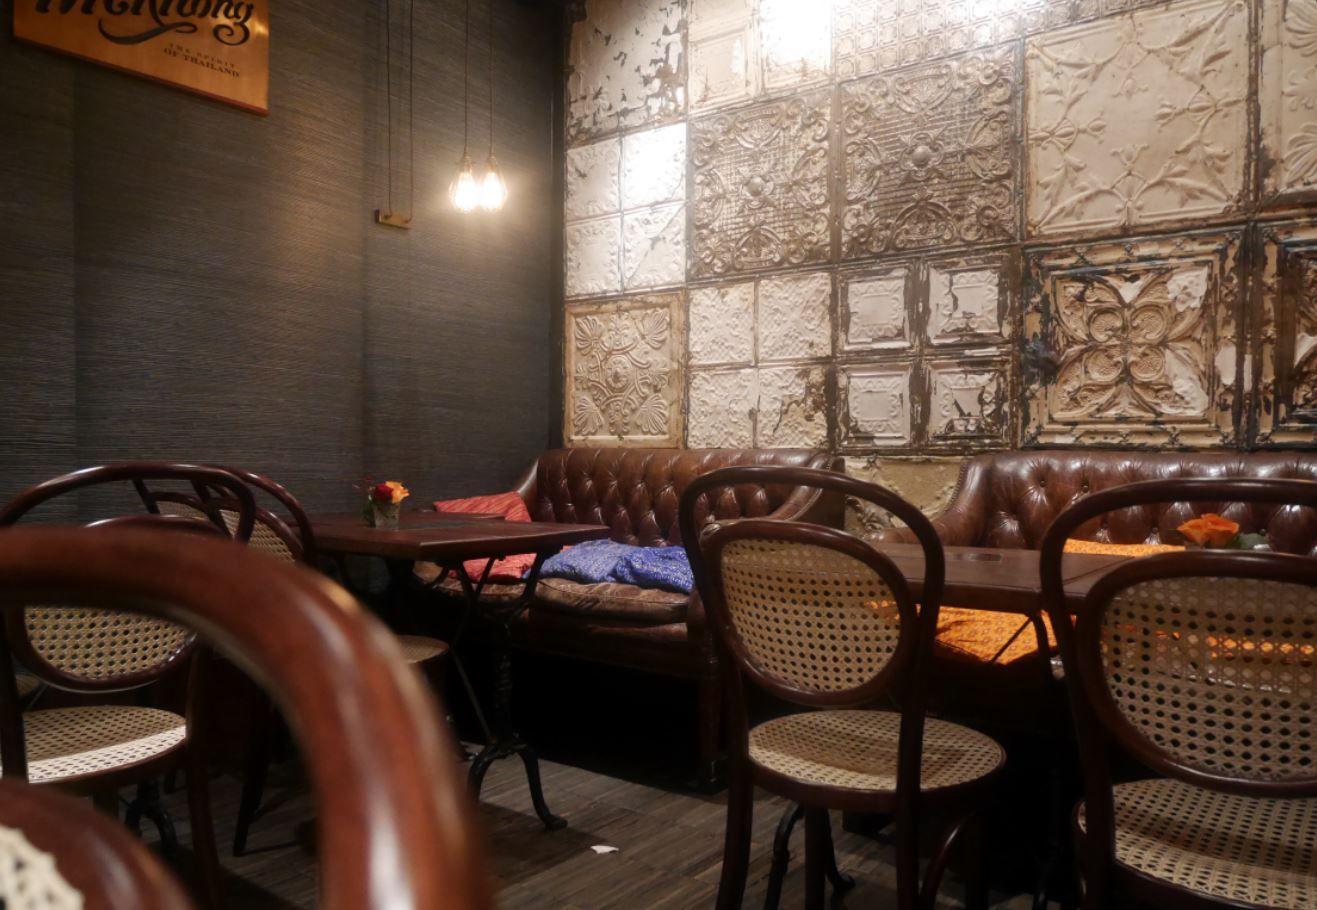 Chaises courbées cannées, fauteuils capitonnés en cuir, habillage mural en acier embossé, plaques authentiques plafond Londres - Bistro Mme Shawn - 18 Rue Cafarelli 75004